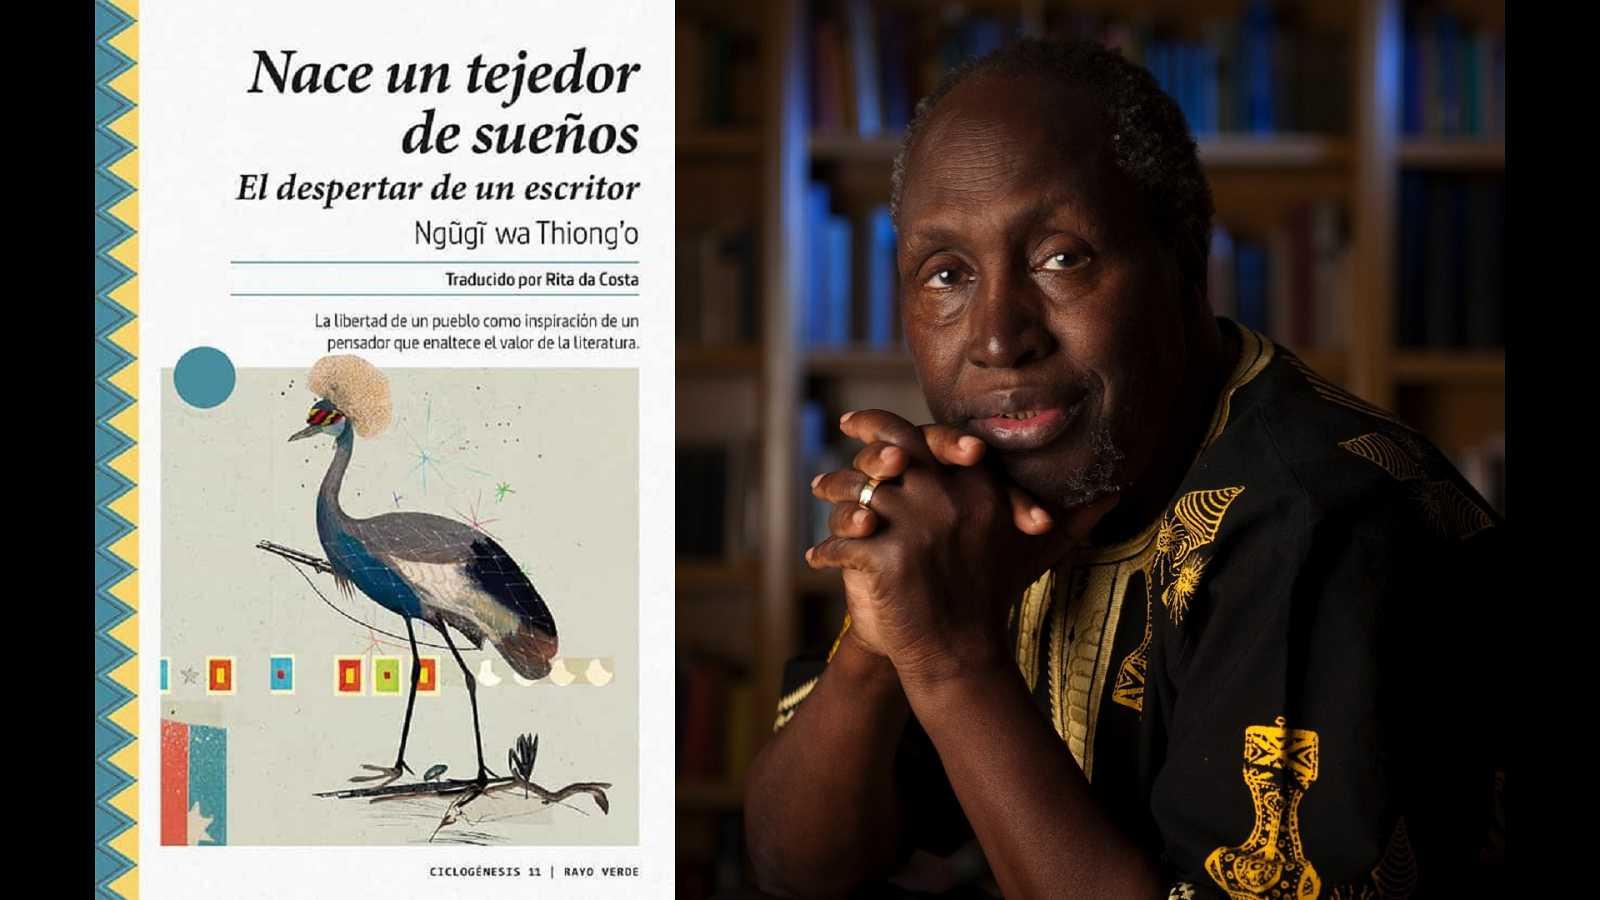 La LiBéLuLa - Nace un tejedor de sueños. El despertar de un escritor (Ngugi wa Thiong'o, ed. Rayo Verde) - 03/07/20 - escuchar ahora